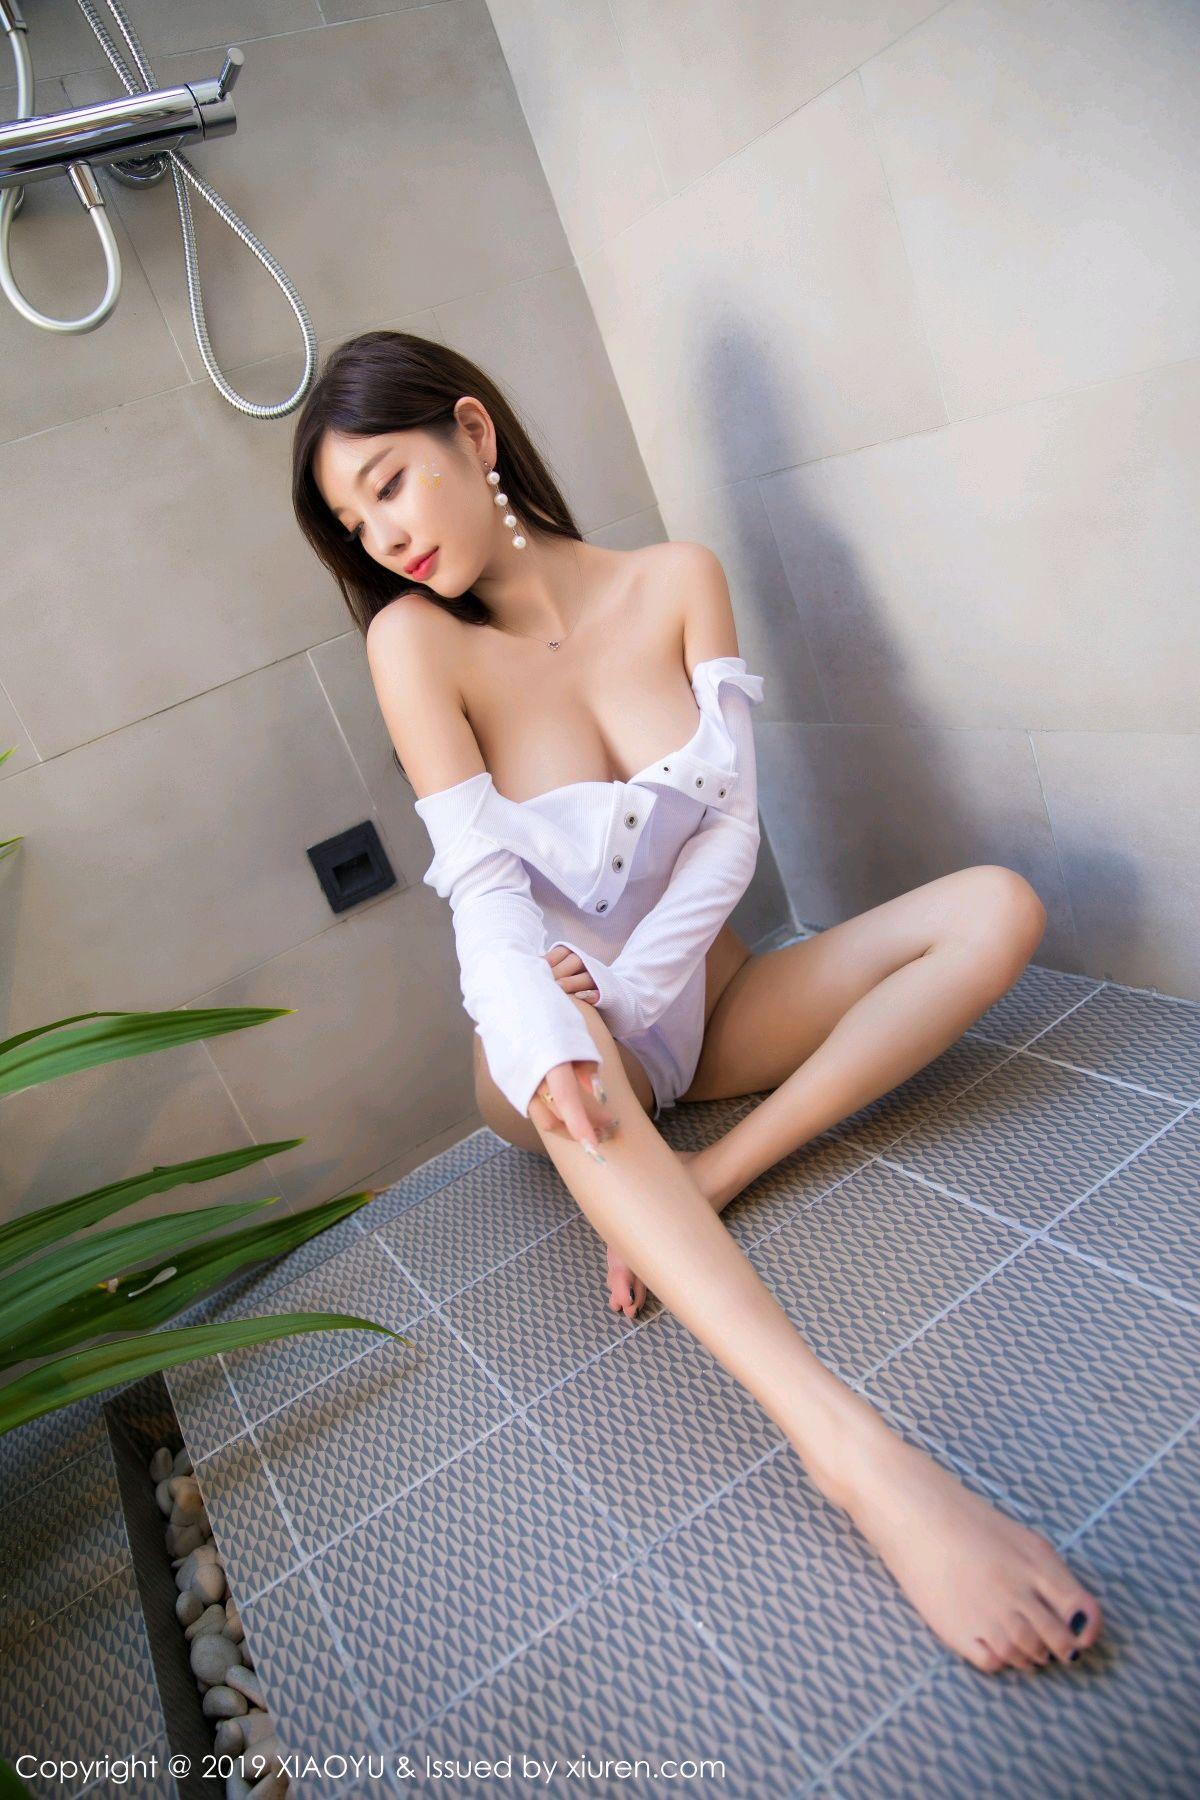 [XiaoYu] Vol.081 Yang Chen Chen 32P, Swim Pool, Wet, XiaoYu, Yang Chen Chen